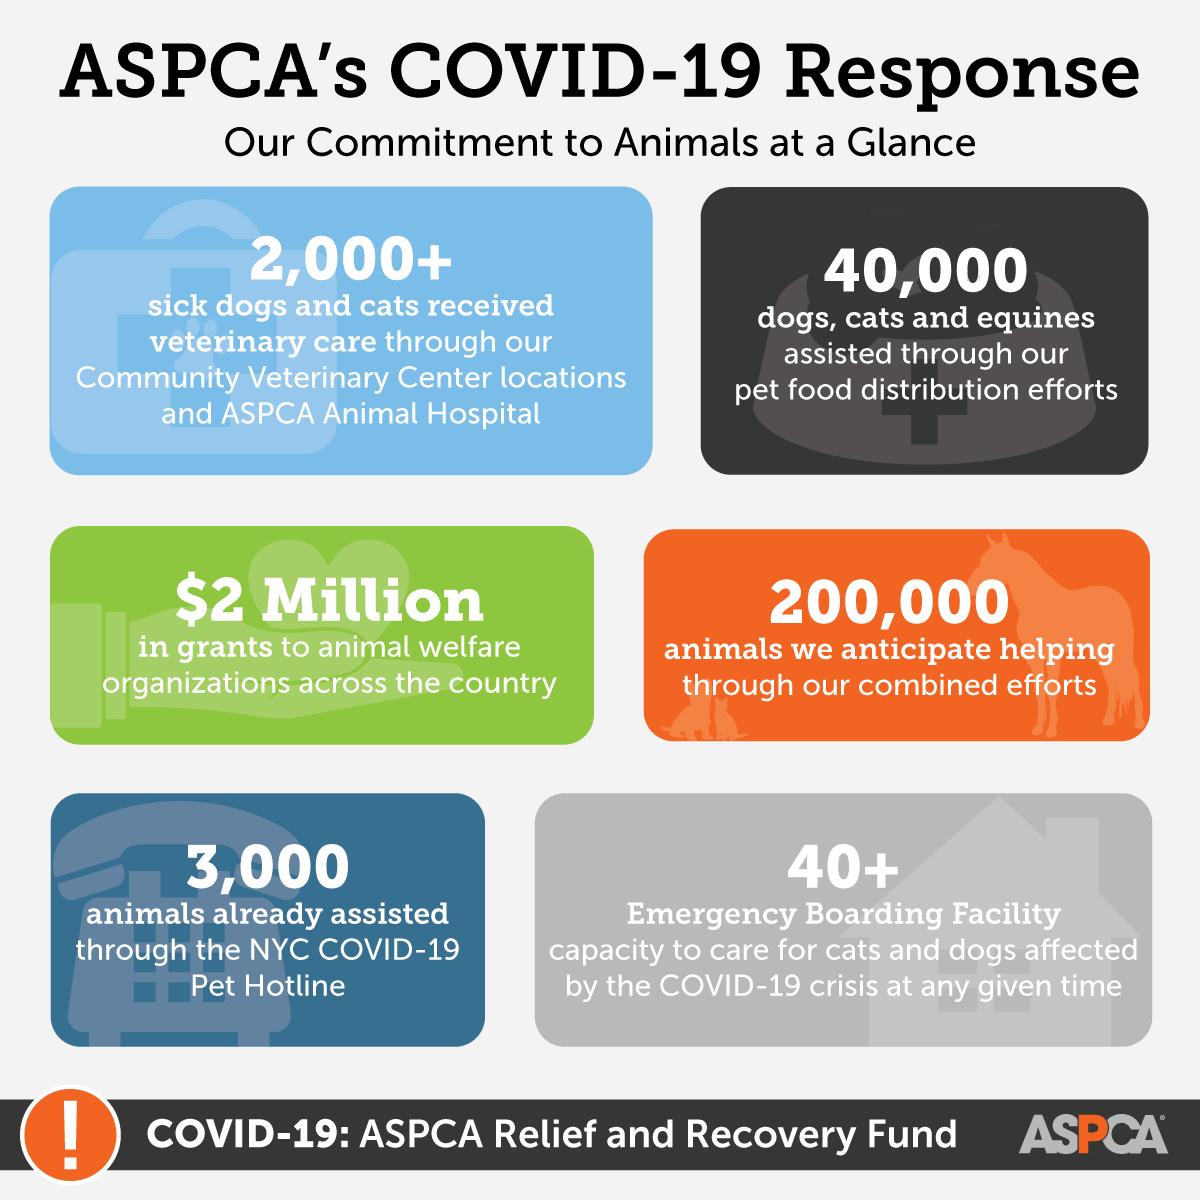 ASPCA's COVID-19 Reponse